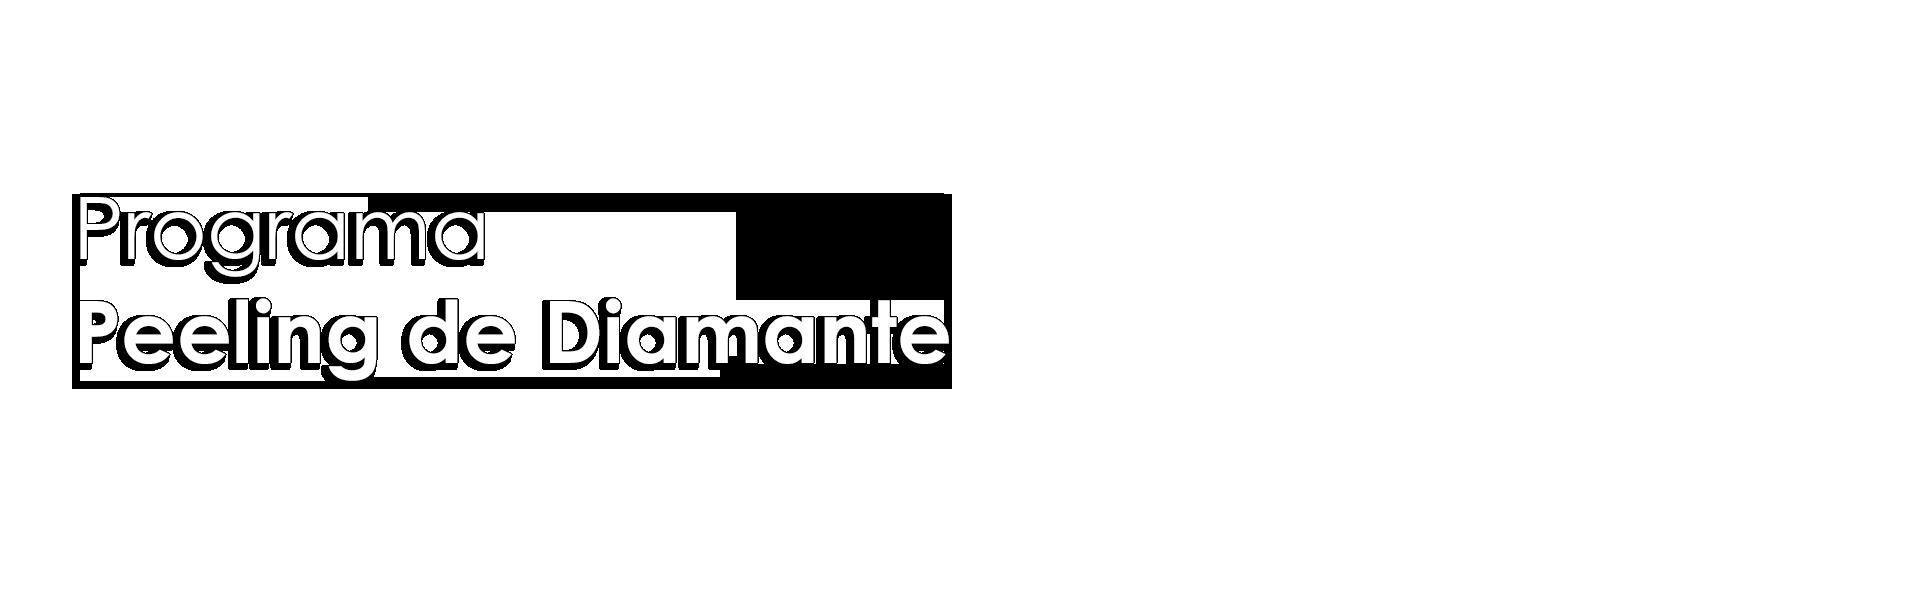 PEELING DE DIAMANTE O tratamento facial com Peeling de Diamante em Brasília no Studio Sandra Martins devolve a renovação celular, a elasticidade da pele, clareia as manchas e auxilia na diminuição da oleosidade e a acne. E tudo isso em Taguatinga.